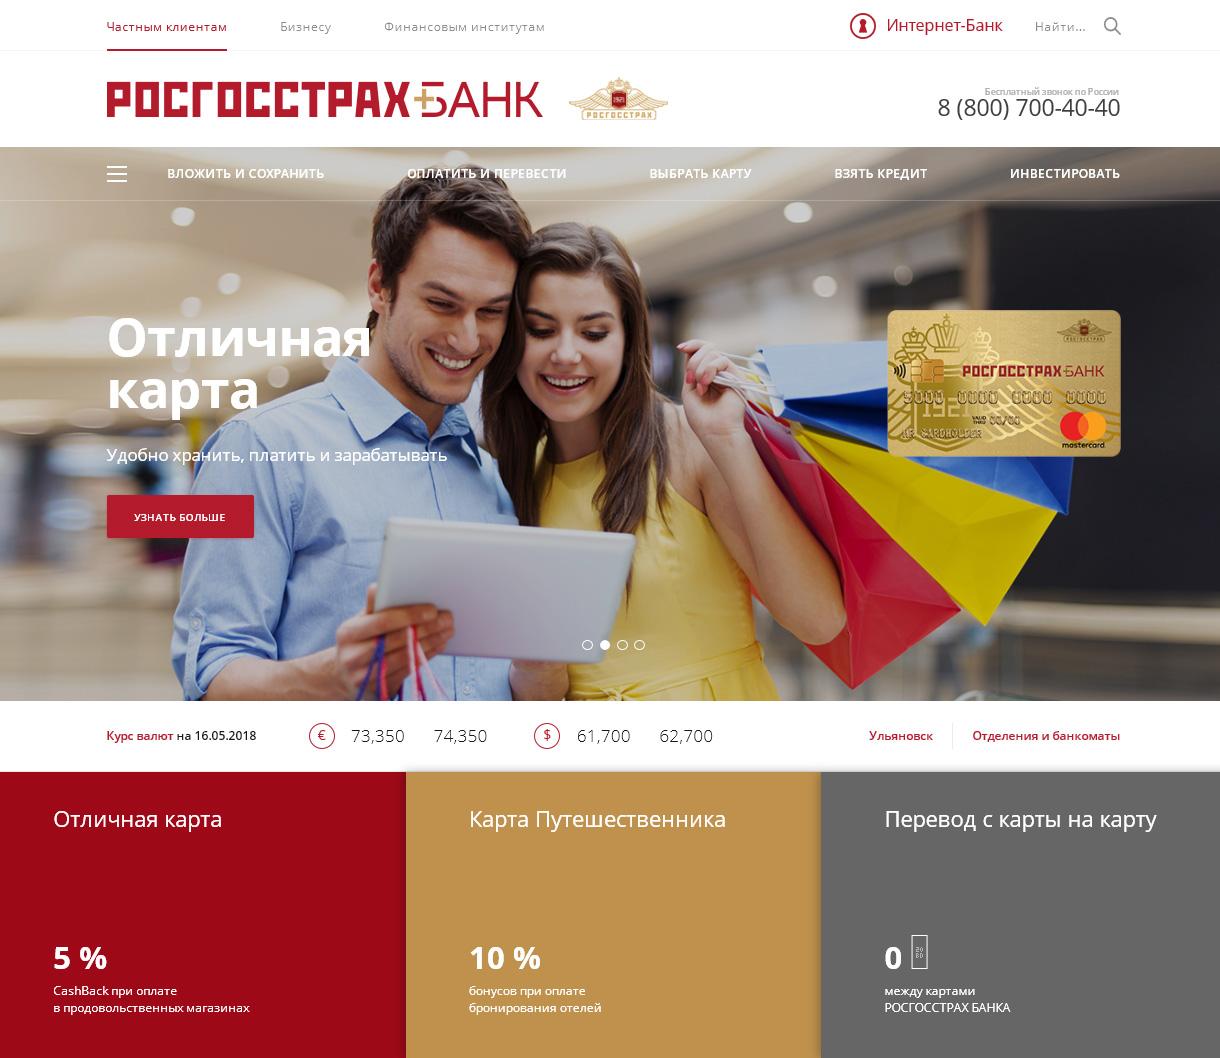 Официальный сайт Росгосстрах Банк